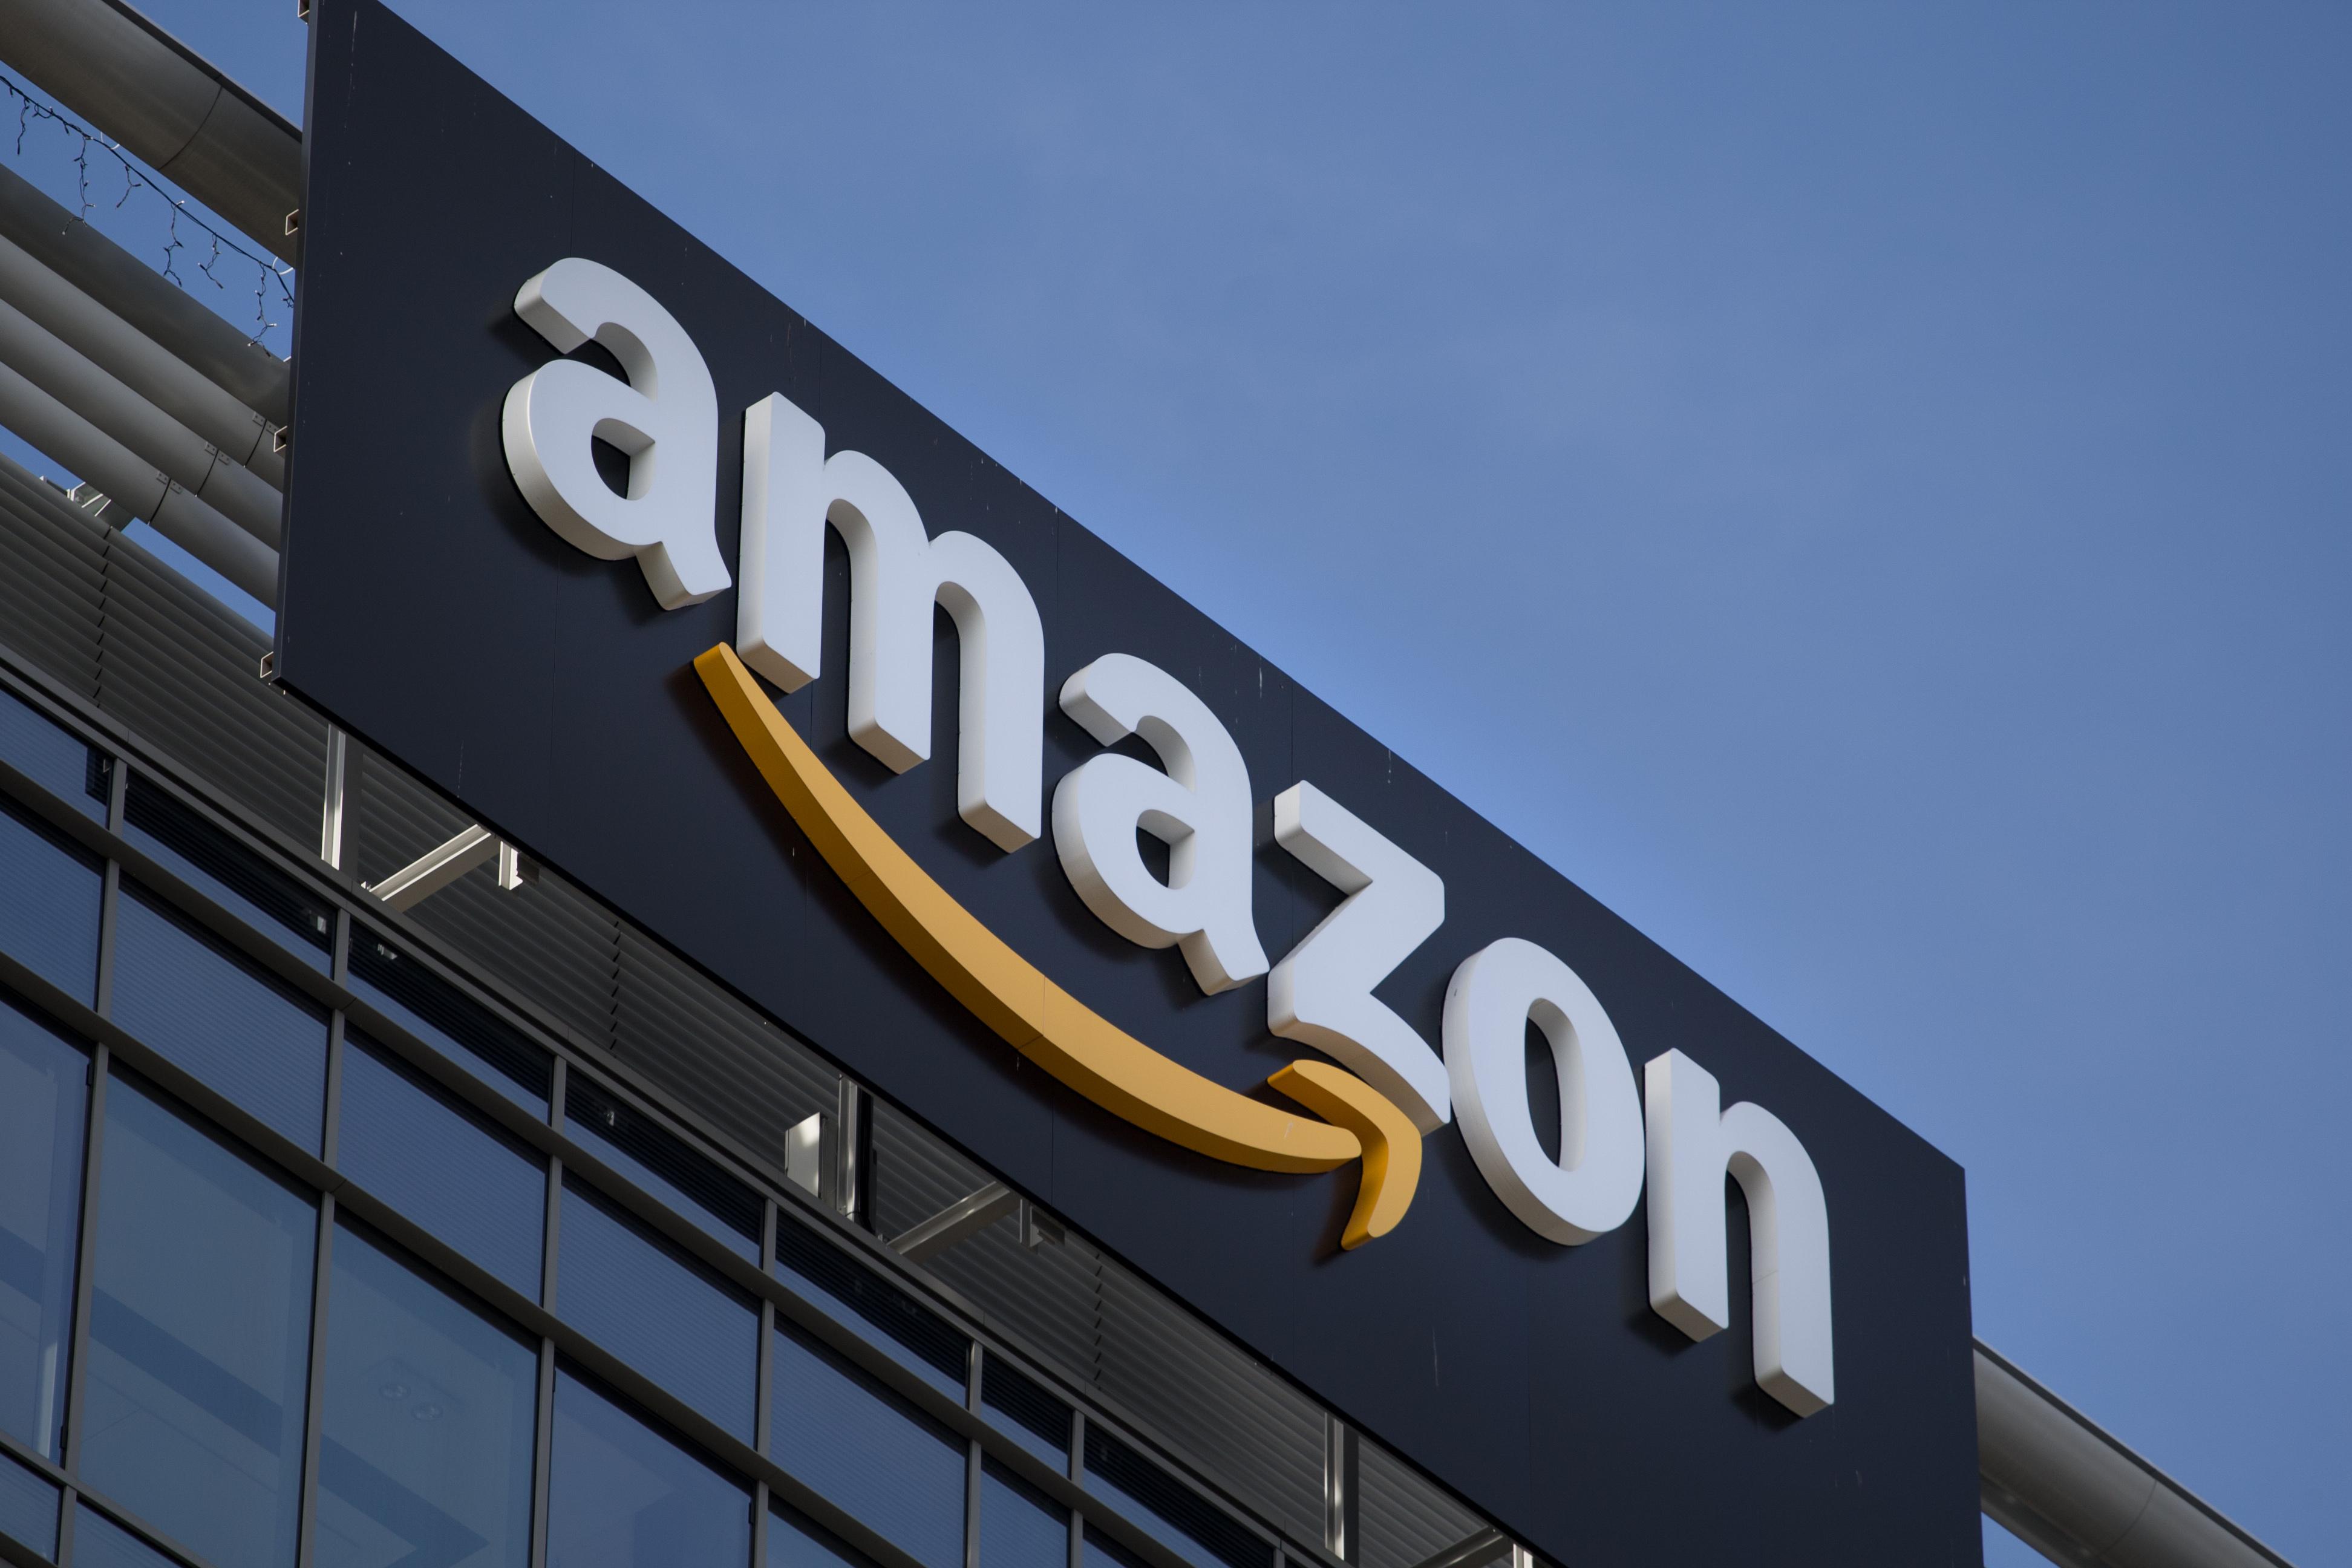 قصة نجاح شركة امازون Amazon